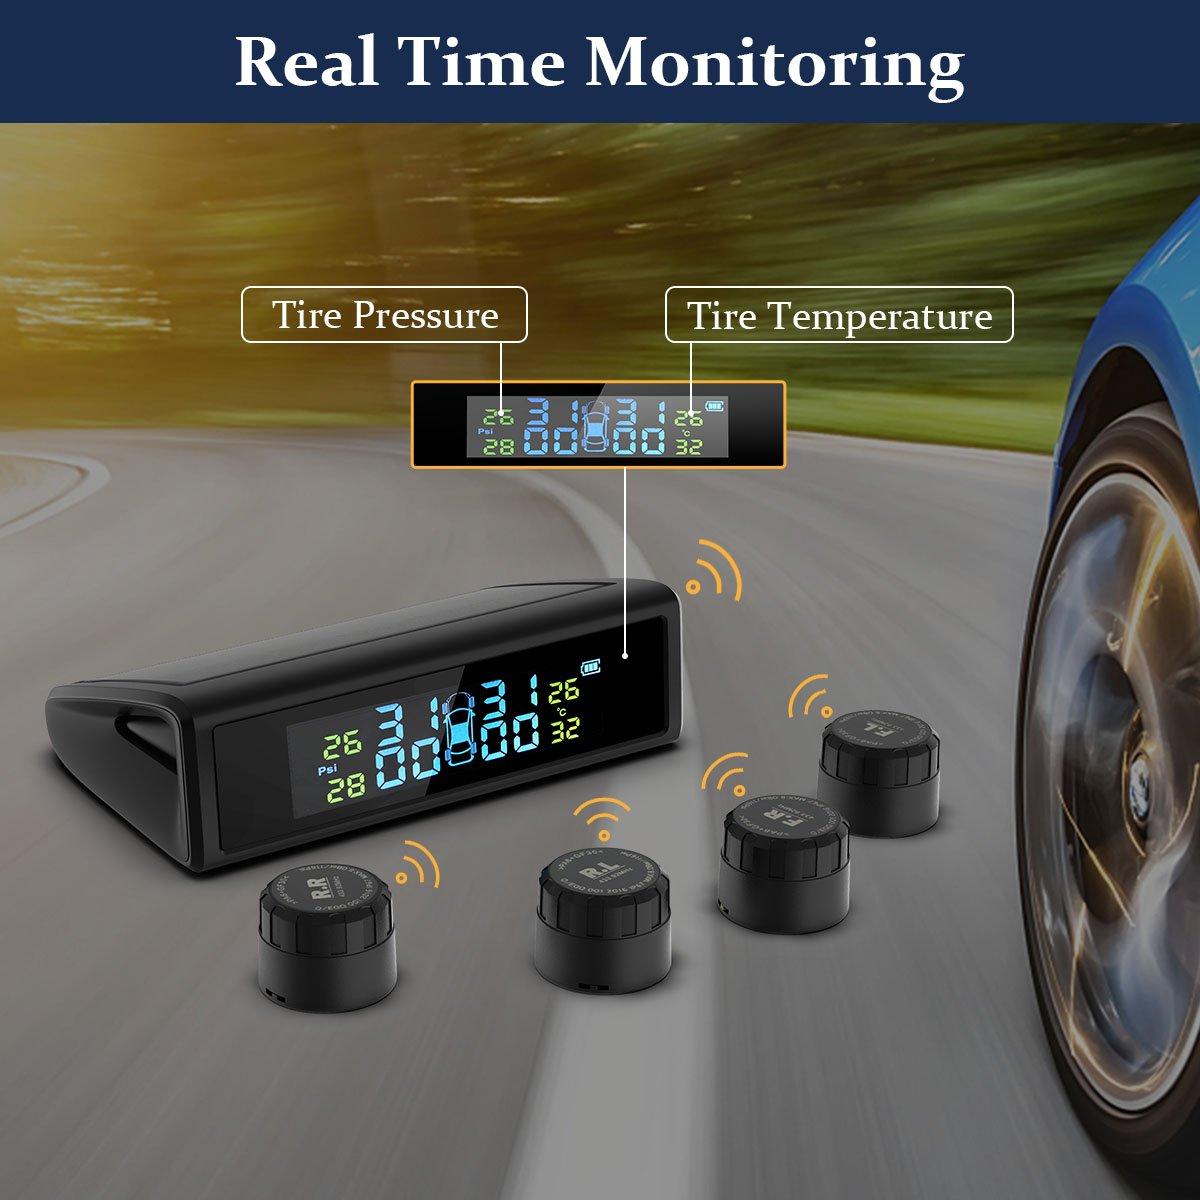 HiGoing Solar Monitor de Presi/ón Neum/áticos de Coche SUV Man/ómetro de Neum/áticos con 4 Sensores Camione LCD Pantalla que Muestra Presi/ón y Temperatura Exactas de Ruedas para Coche M/ás Furgoneta